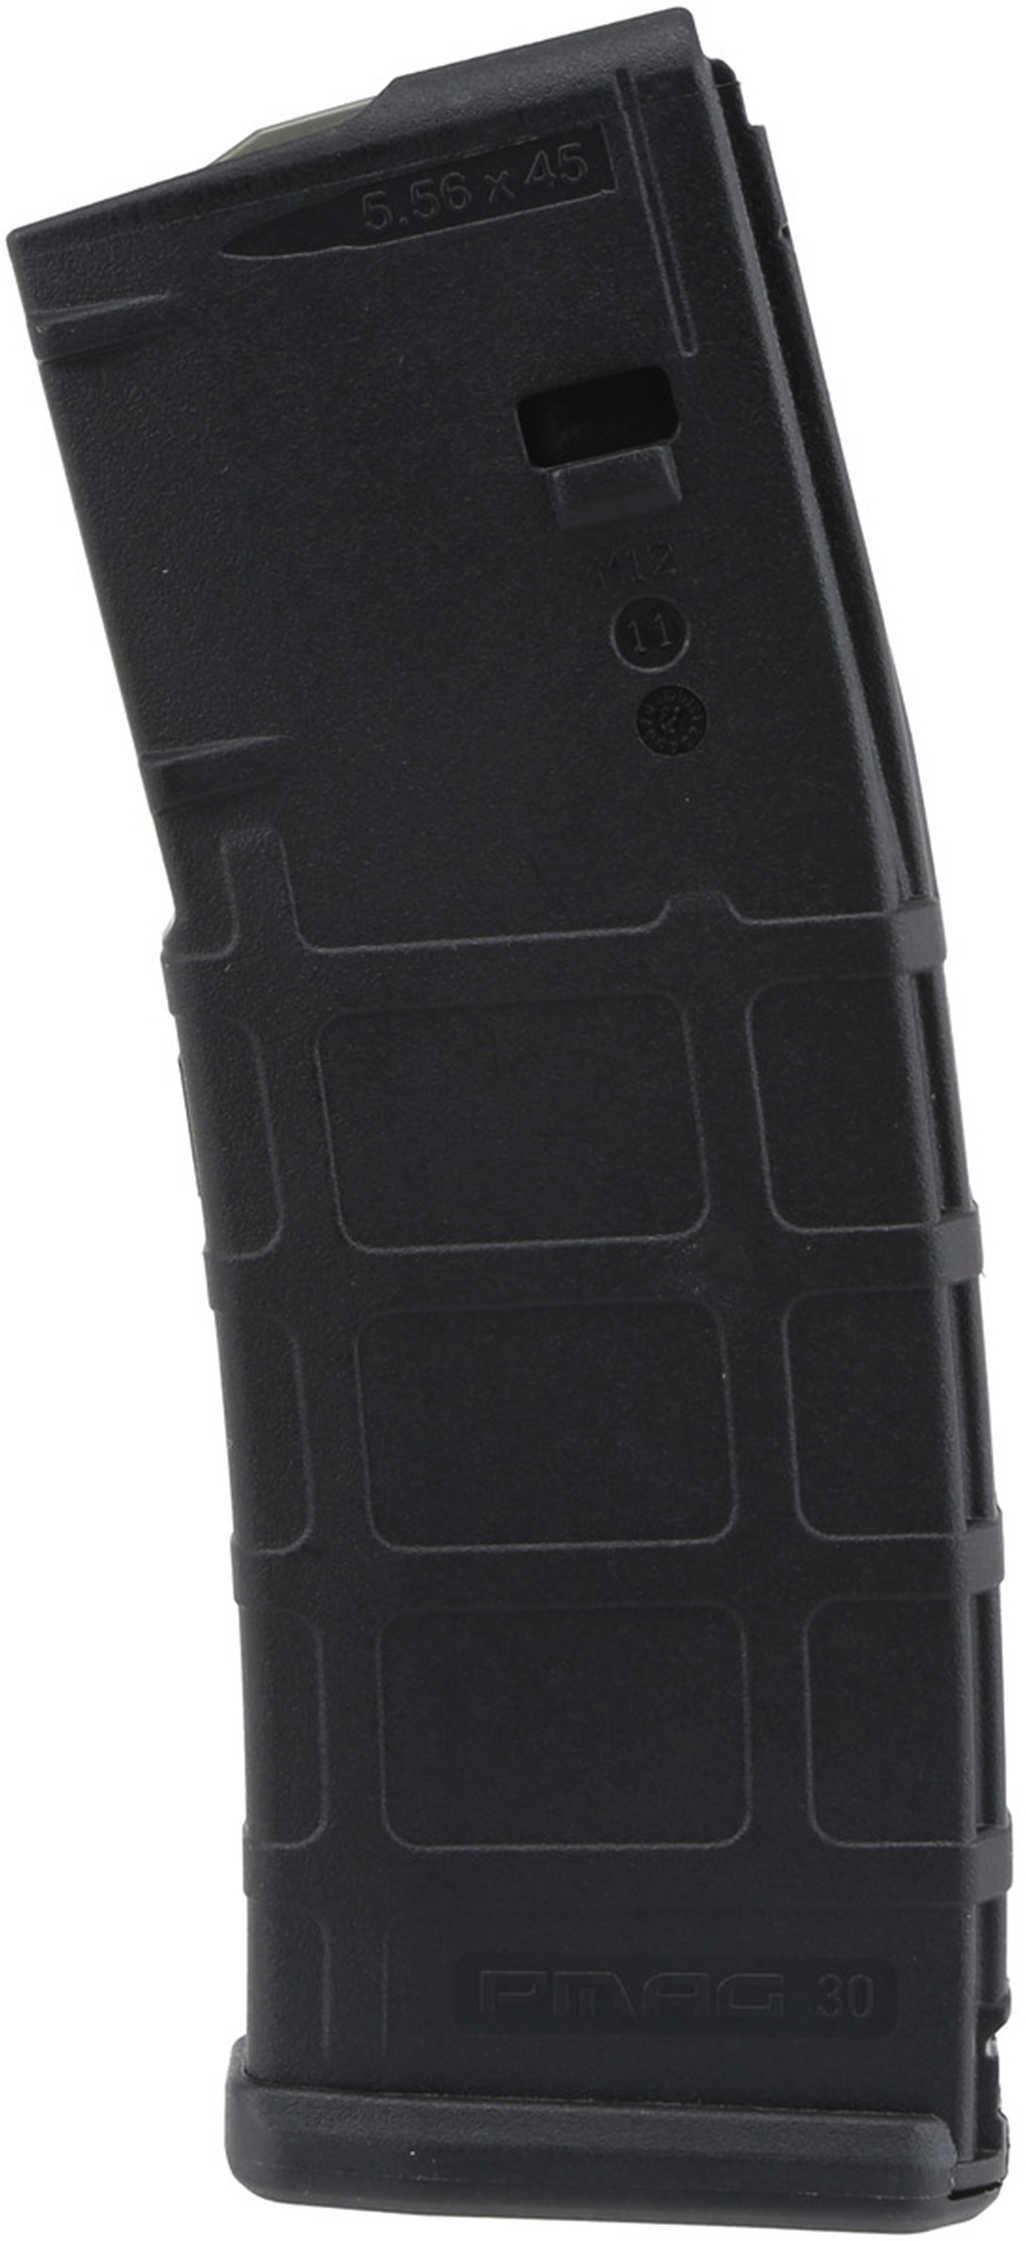 Magpul PMag Gen 2 AR15/M4 223 Remington/ 5.56 30Rd Black